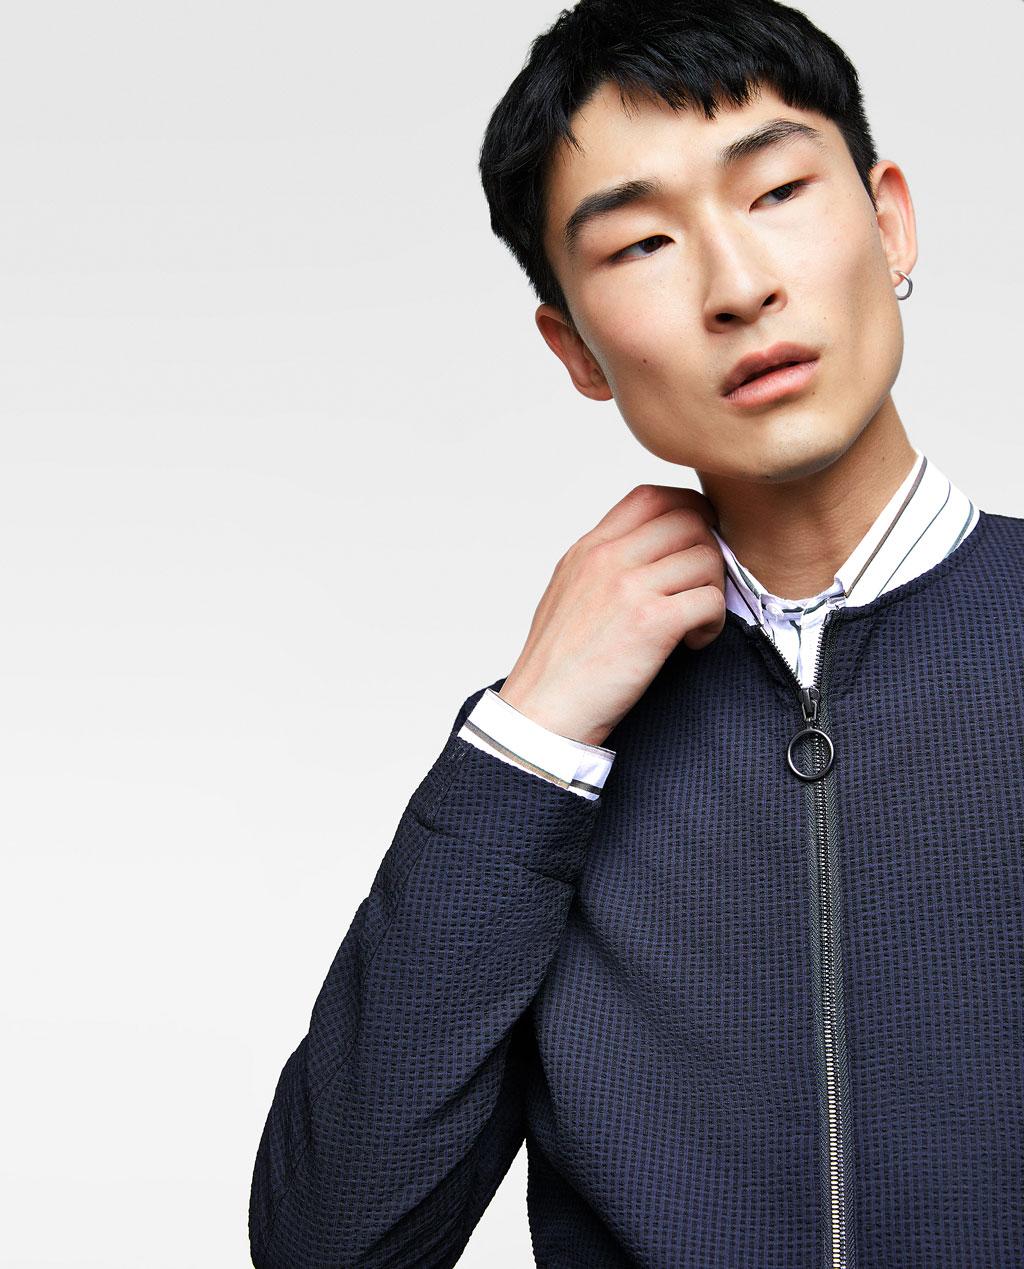 Thời trang nam Zara  24084 - ảnh 7